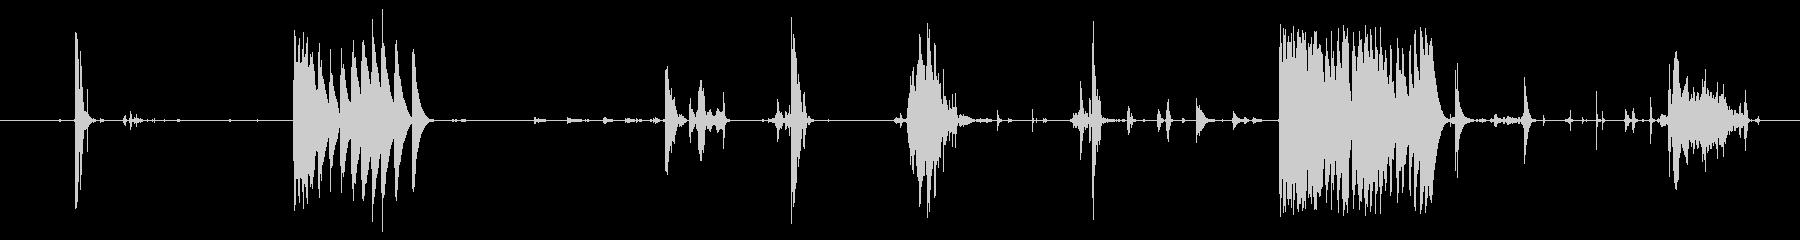 体 ギャグ03の未再生の波形